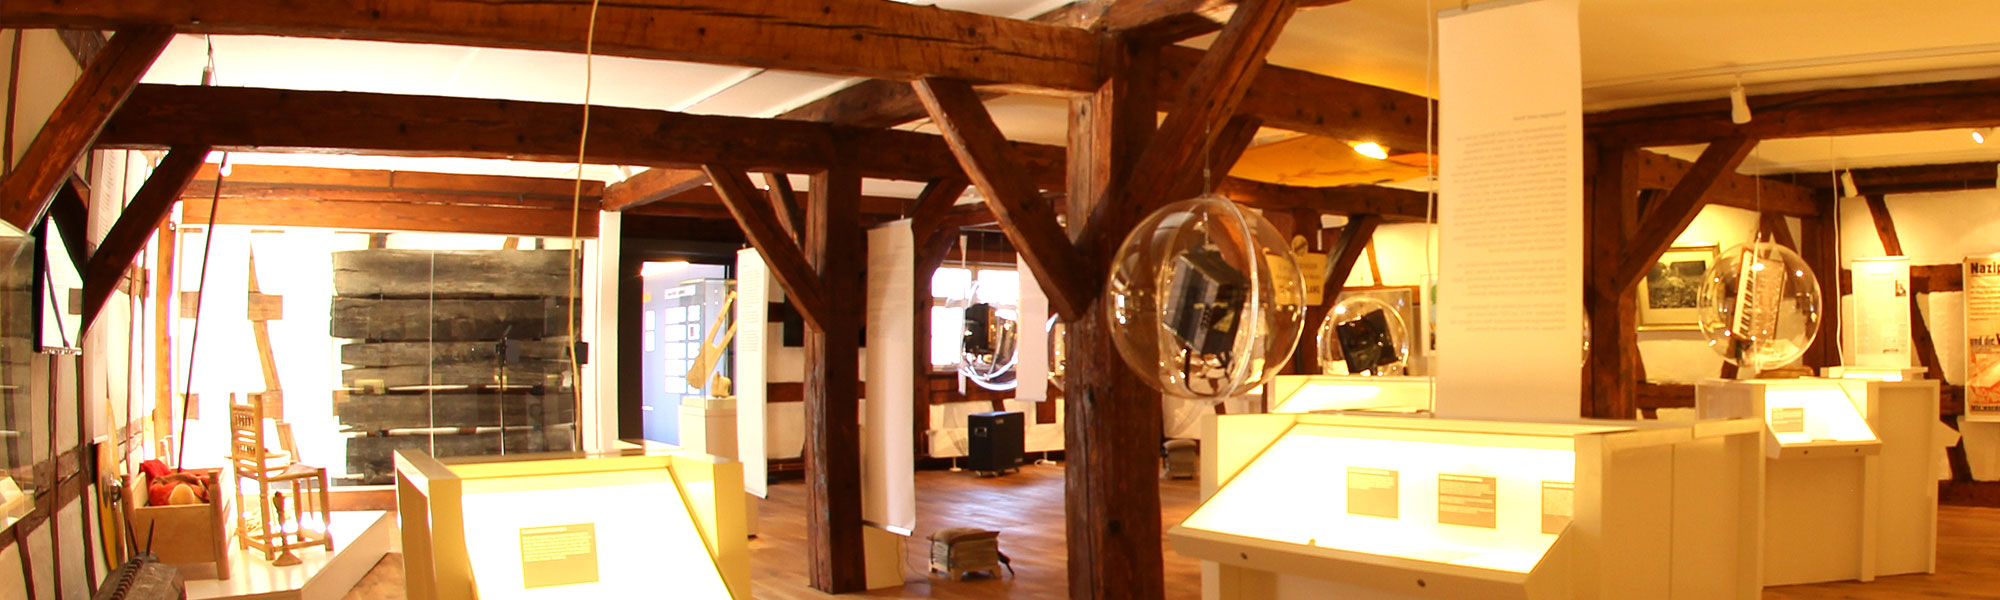 museum-auberlehaus-trossingen-alamannen-headerbild